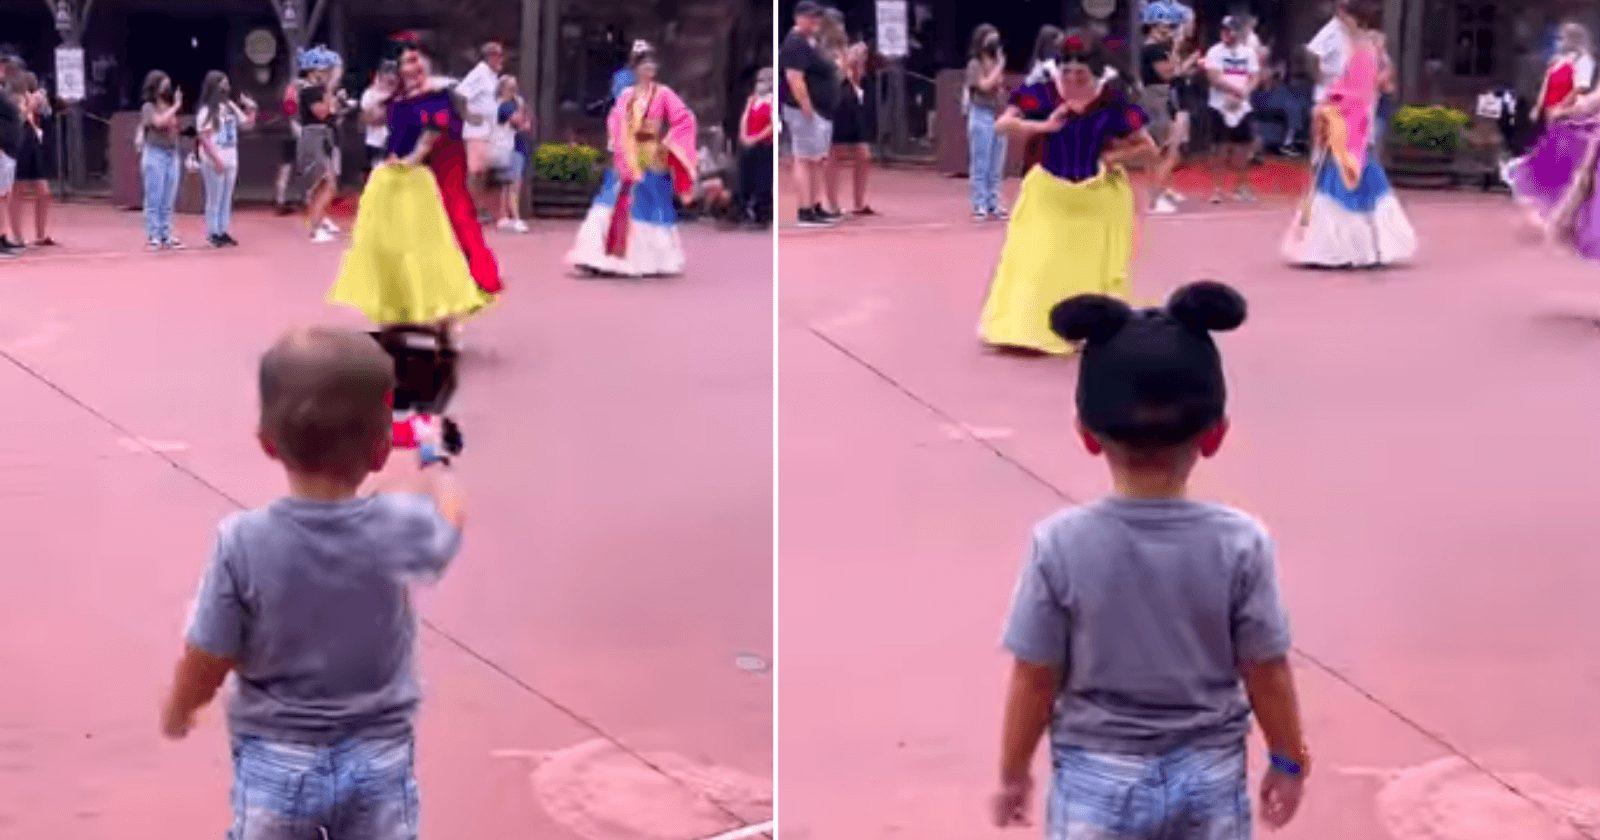 Menino surpreende princesas na Disney com seu cavalheirismo